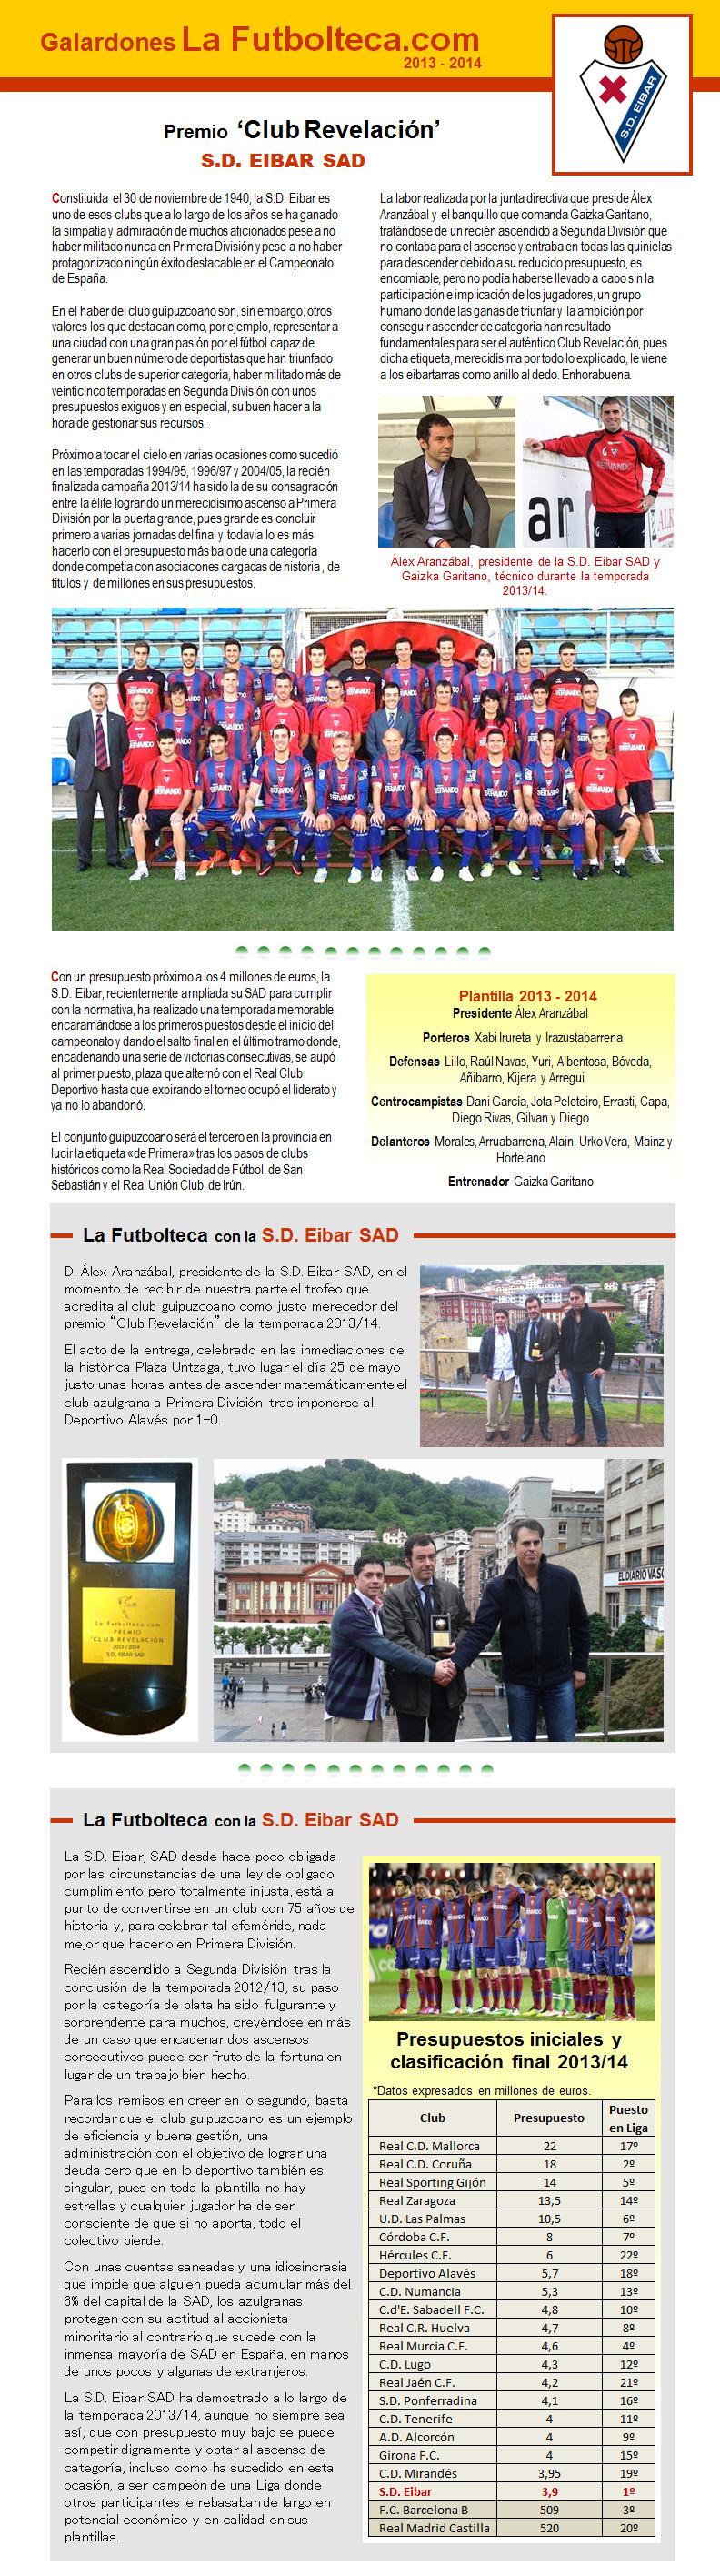 Premio Club Revelacion La Futbolteca 2014